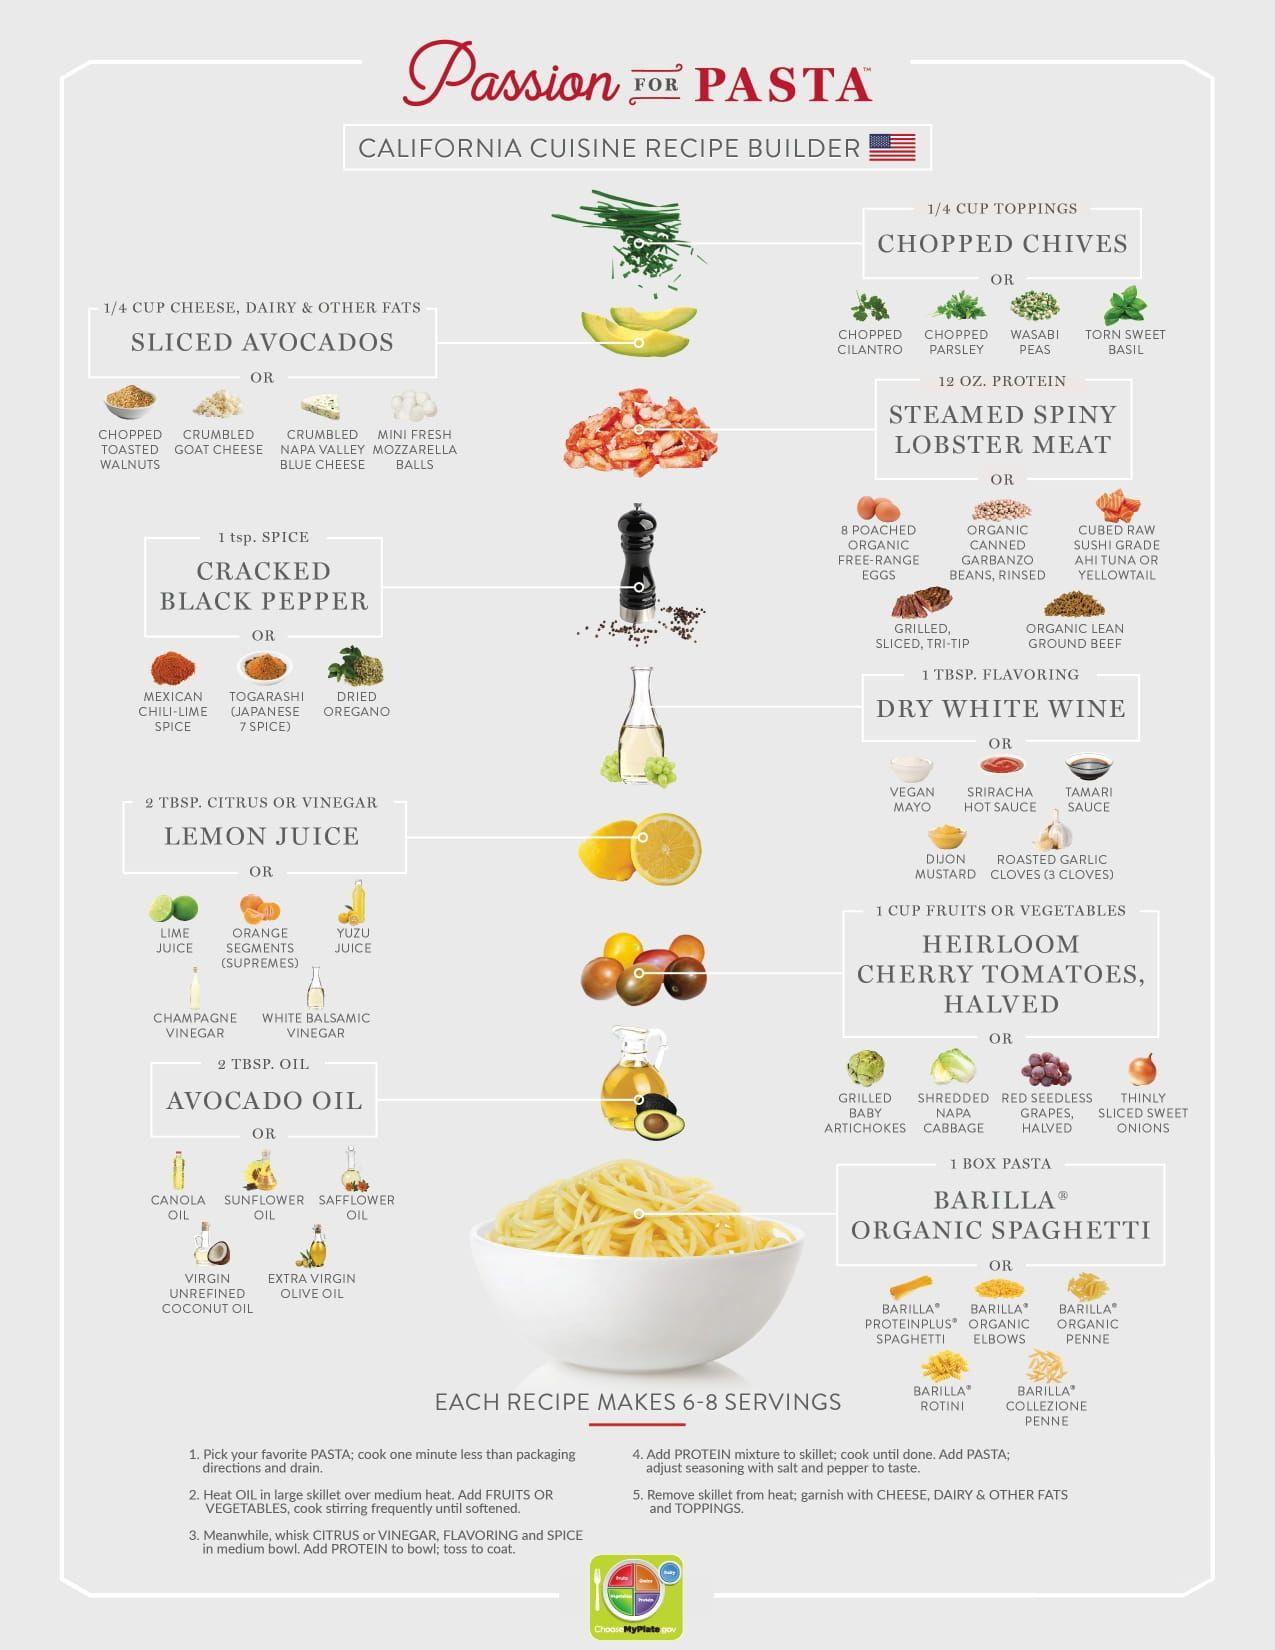 Recipe Builder for California Cuisine